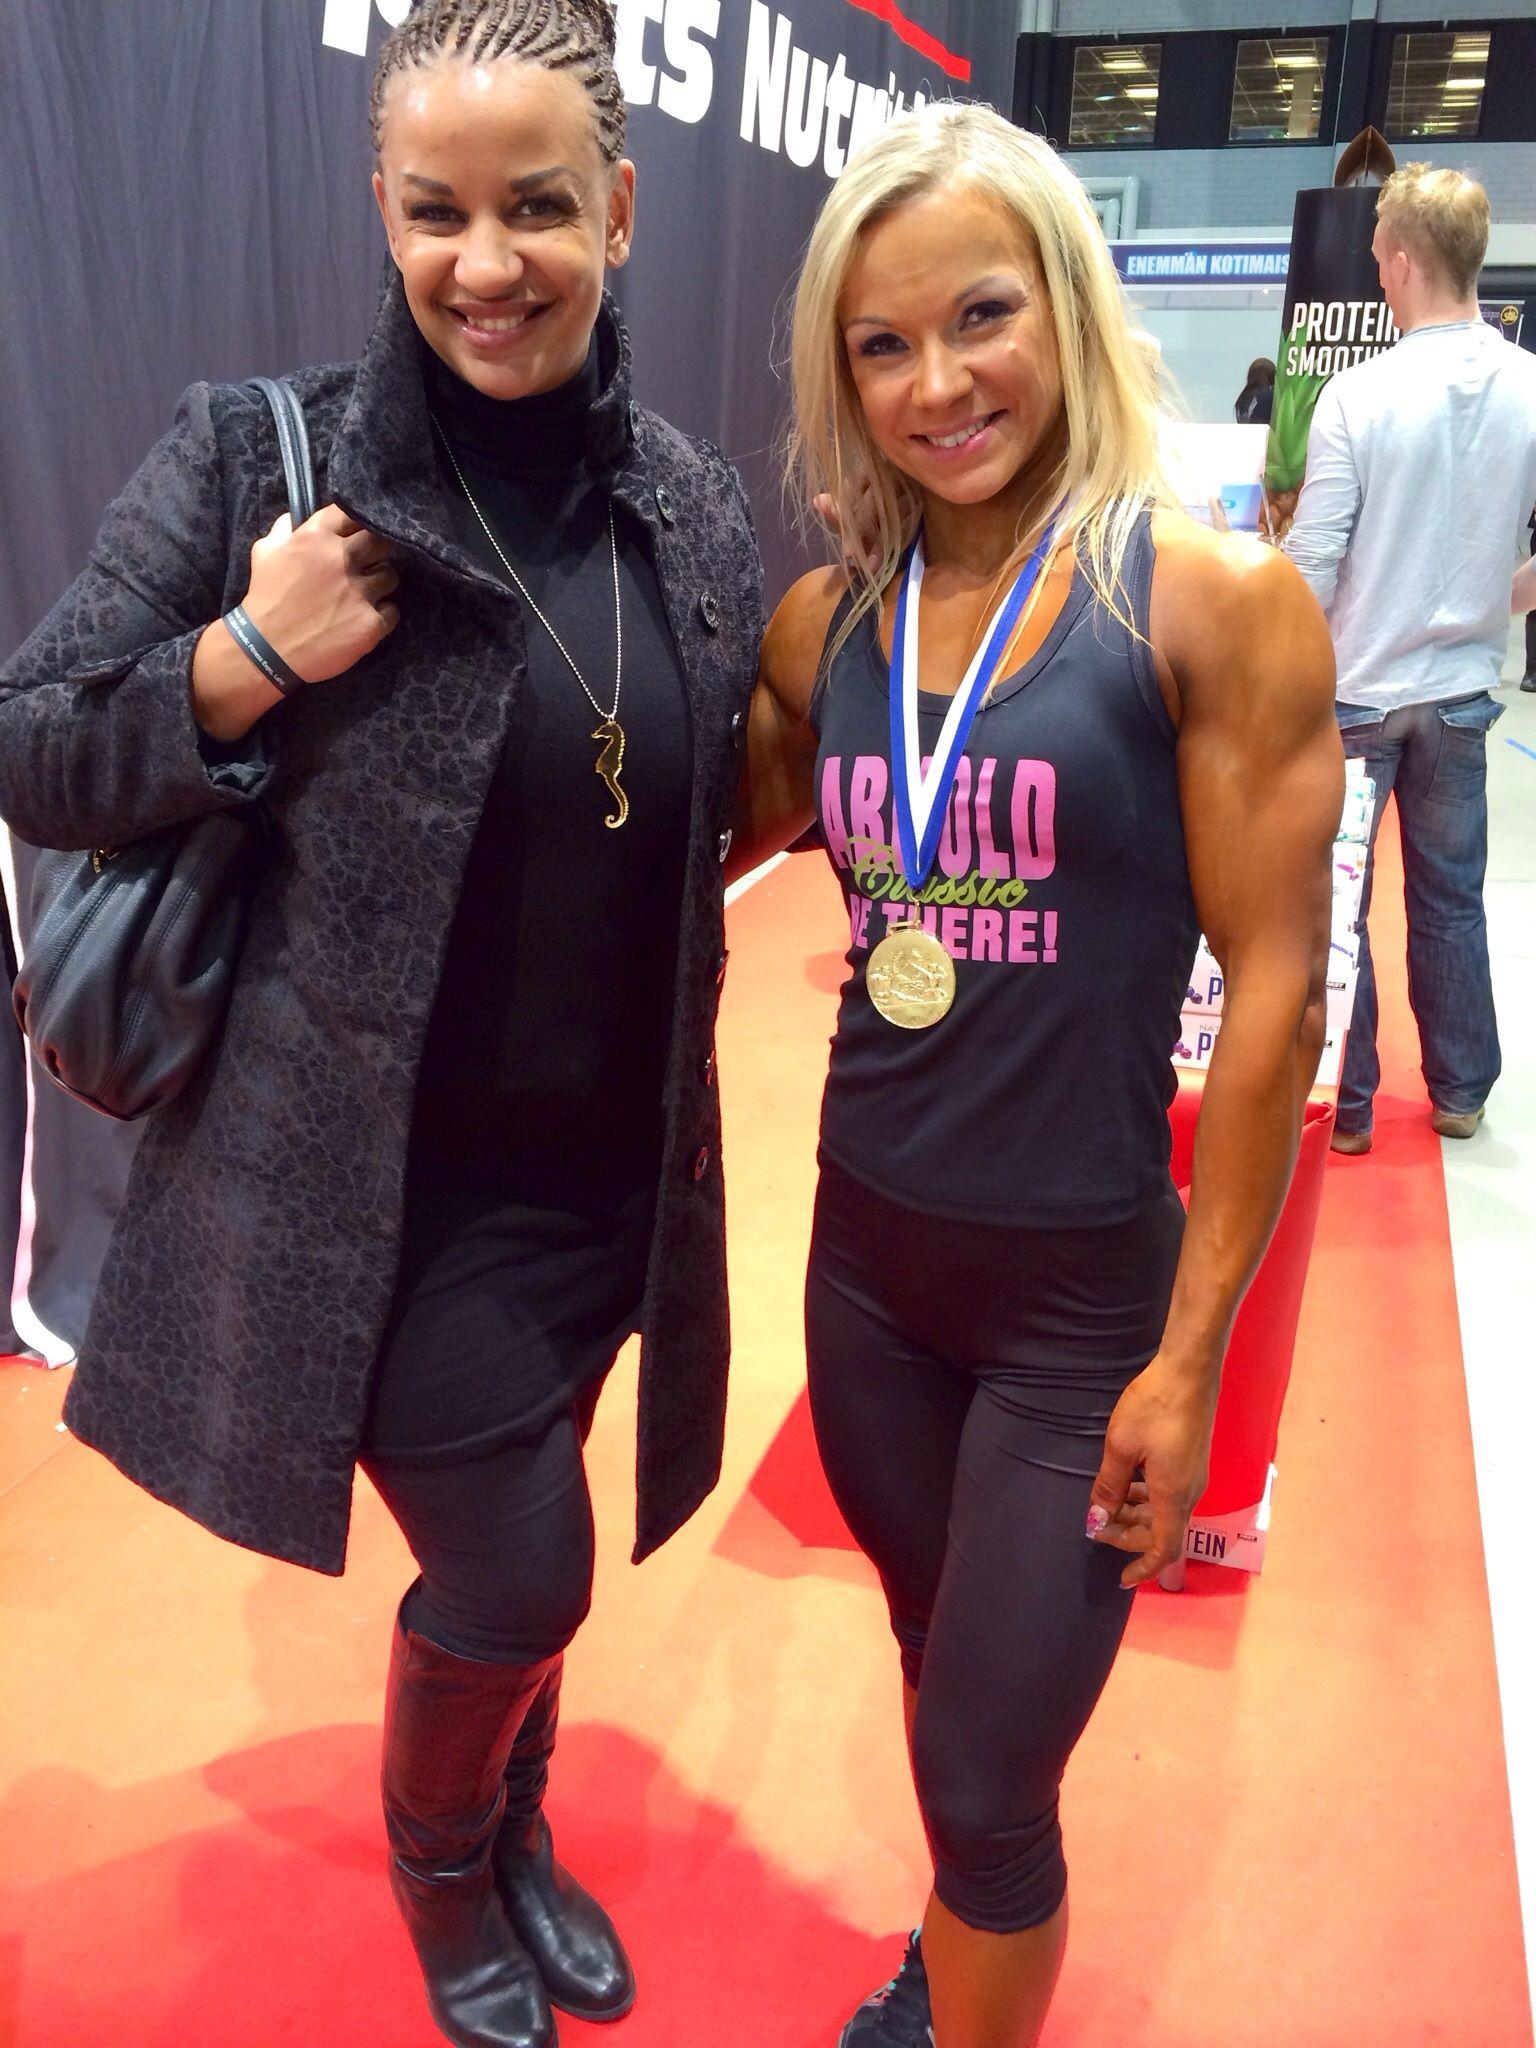 Tuoreen Body fitness SM voittajan kanssa. Hanna pääsee ensiviikolla MM-kisoihin :)